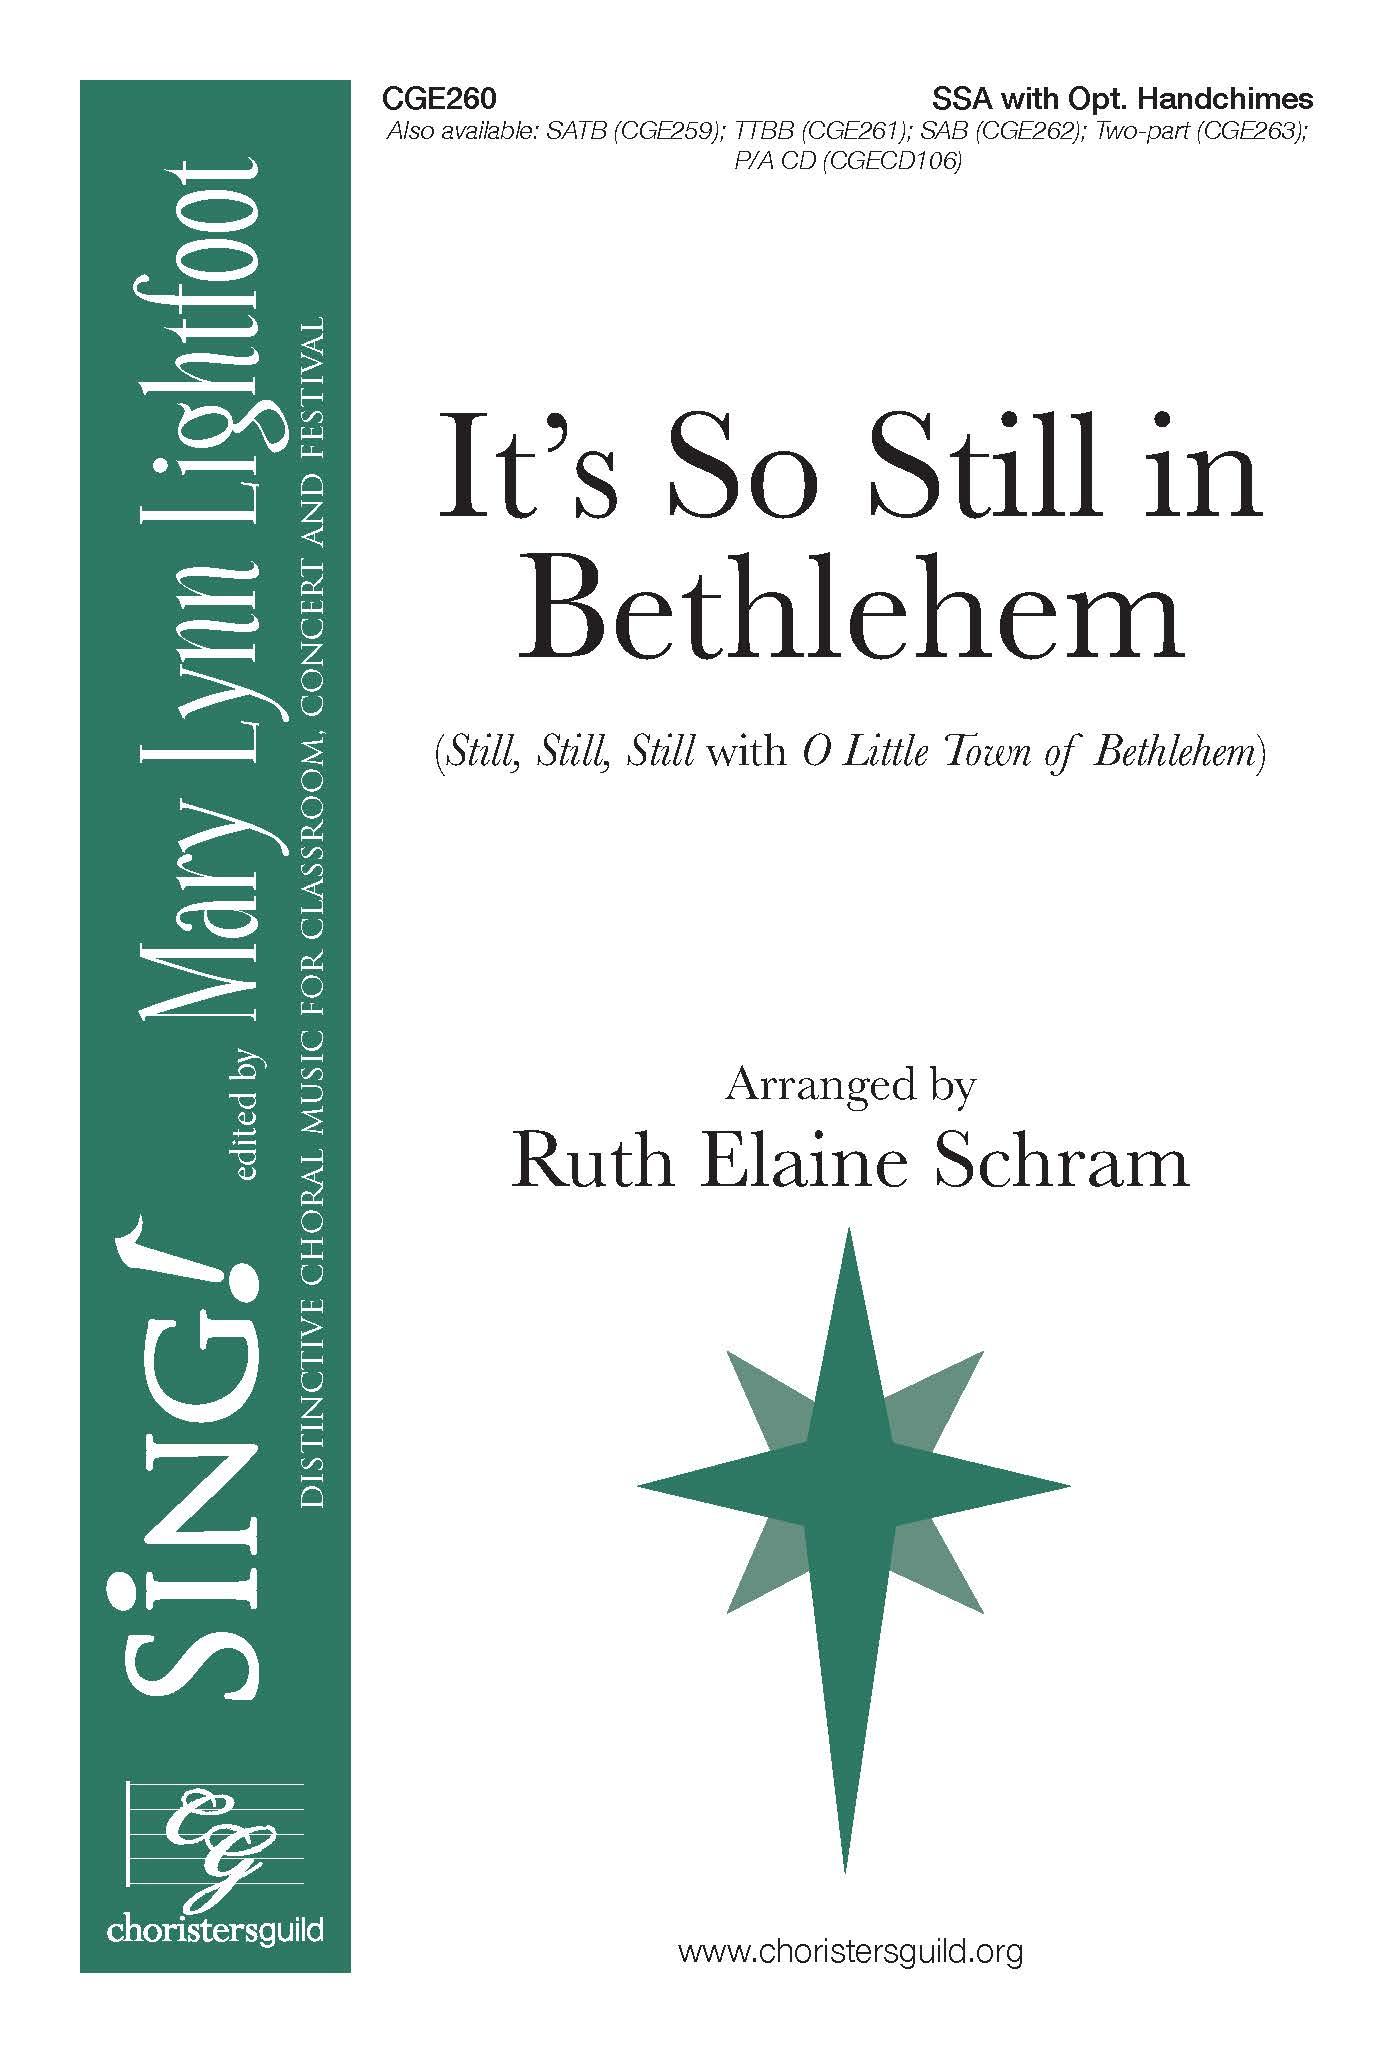 It's So Still in Bethlehem SSA